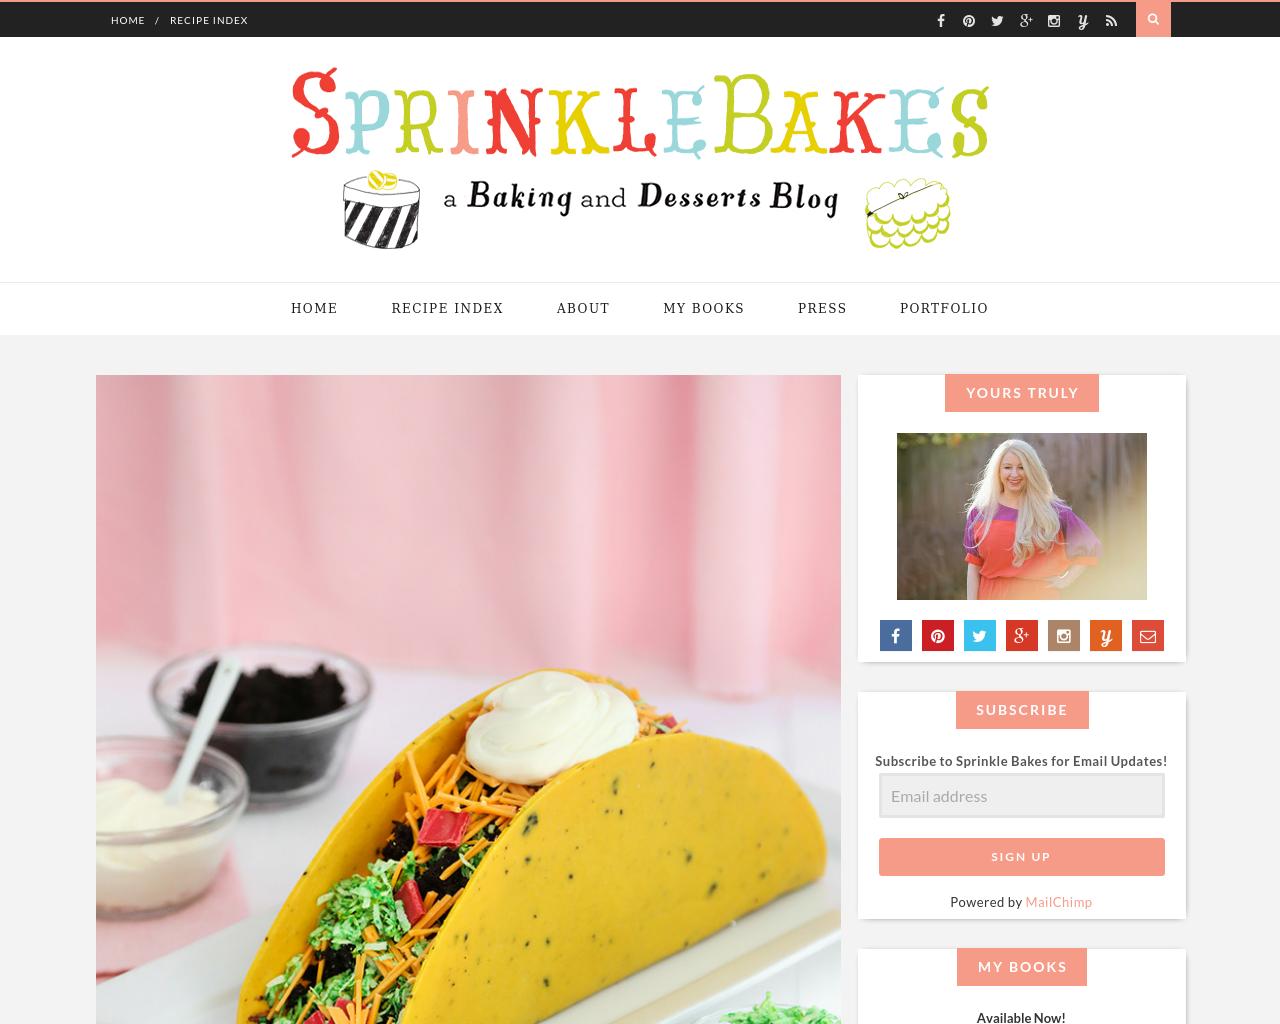 SPRINKLE-BAKES-Advertising-Reviews-Pricing